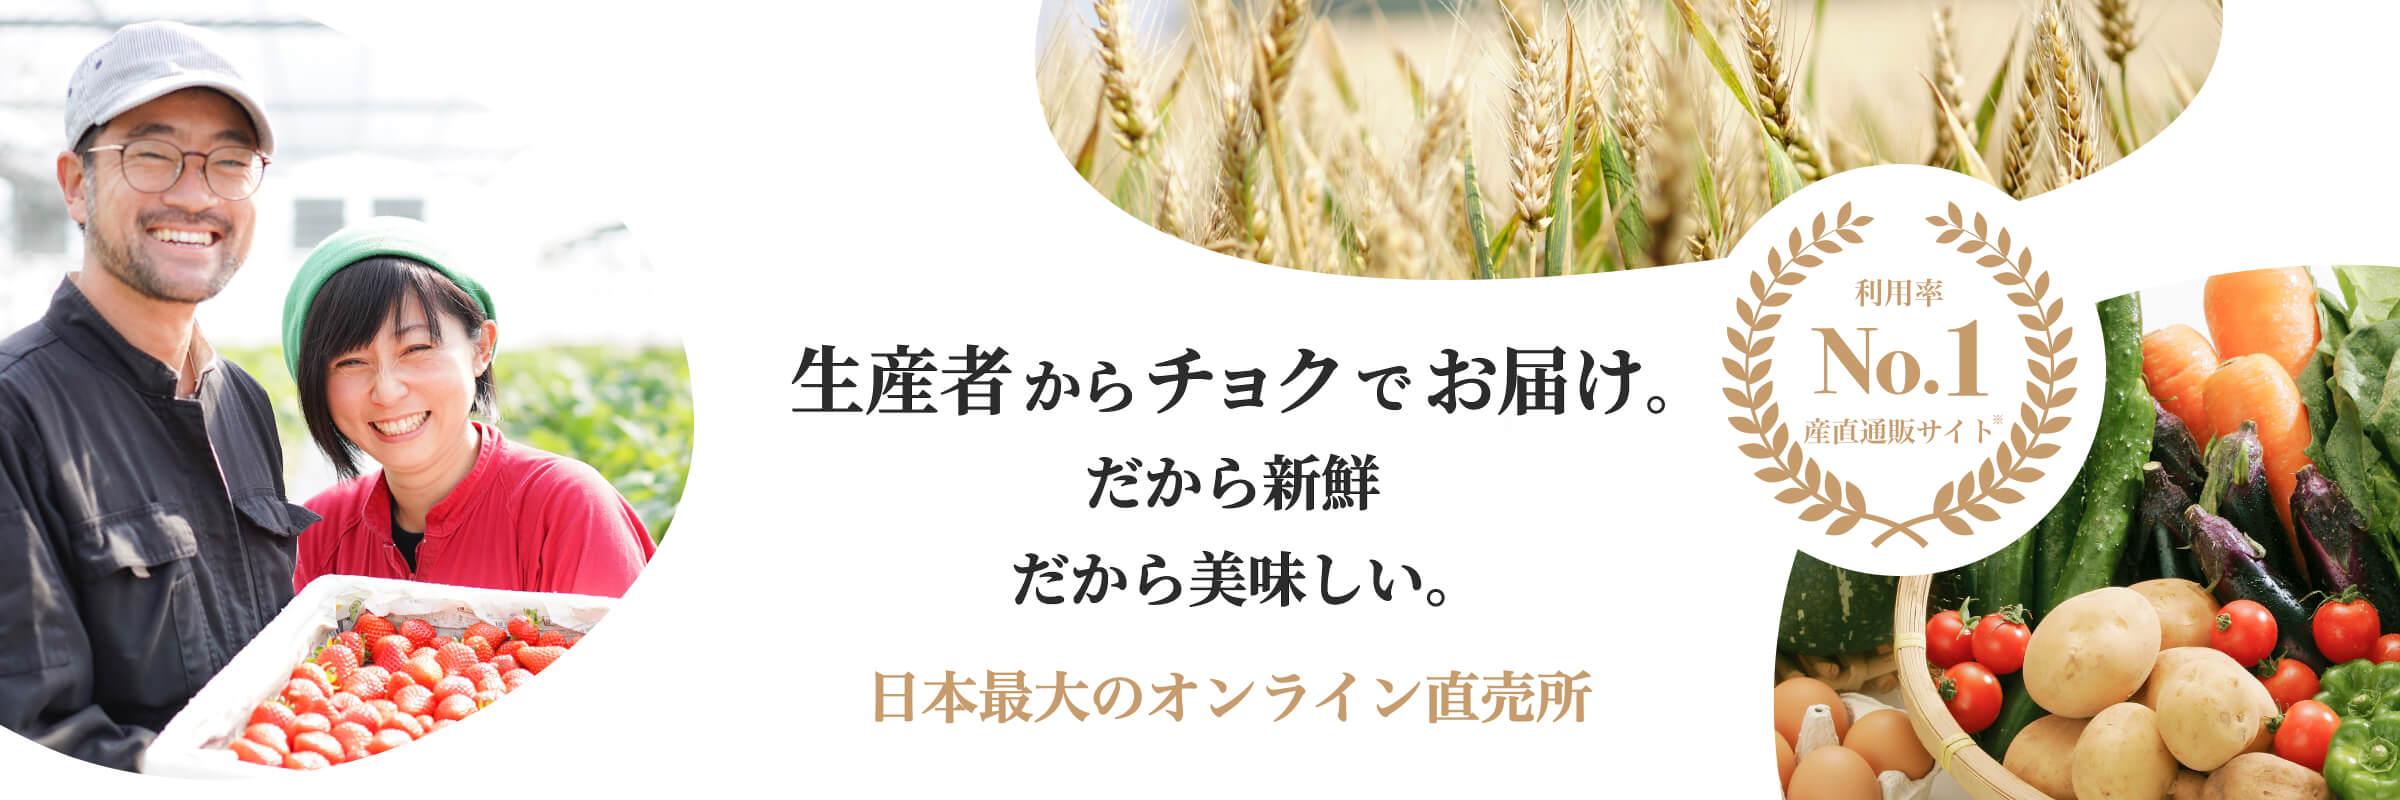 生産者からチョクでお届け。だから新鮮、だから美味しい。日本最大のオンライン直売所 利用率 No.1 産直通販サイト